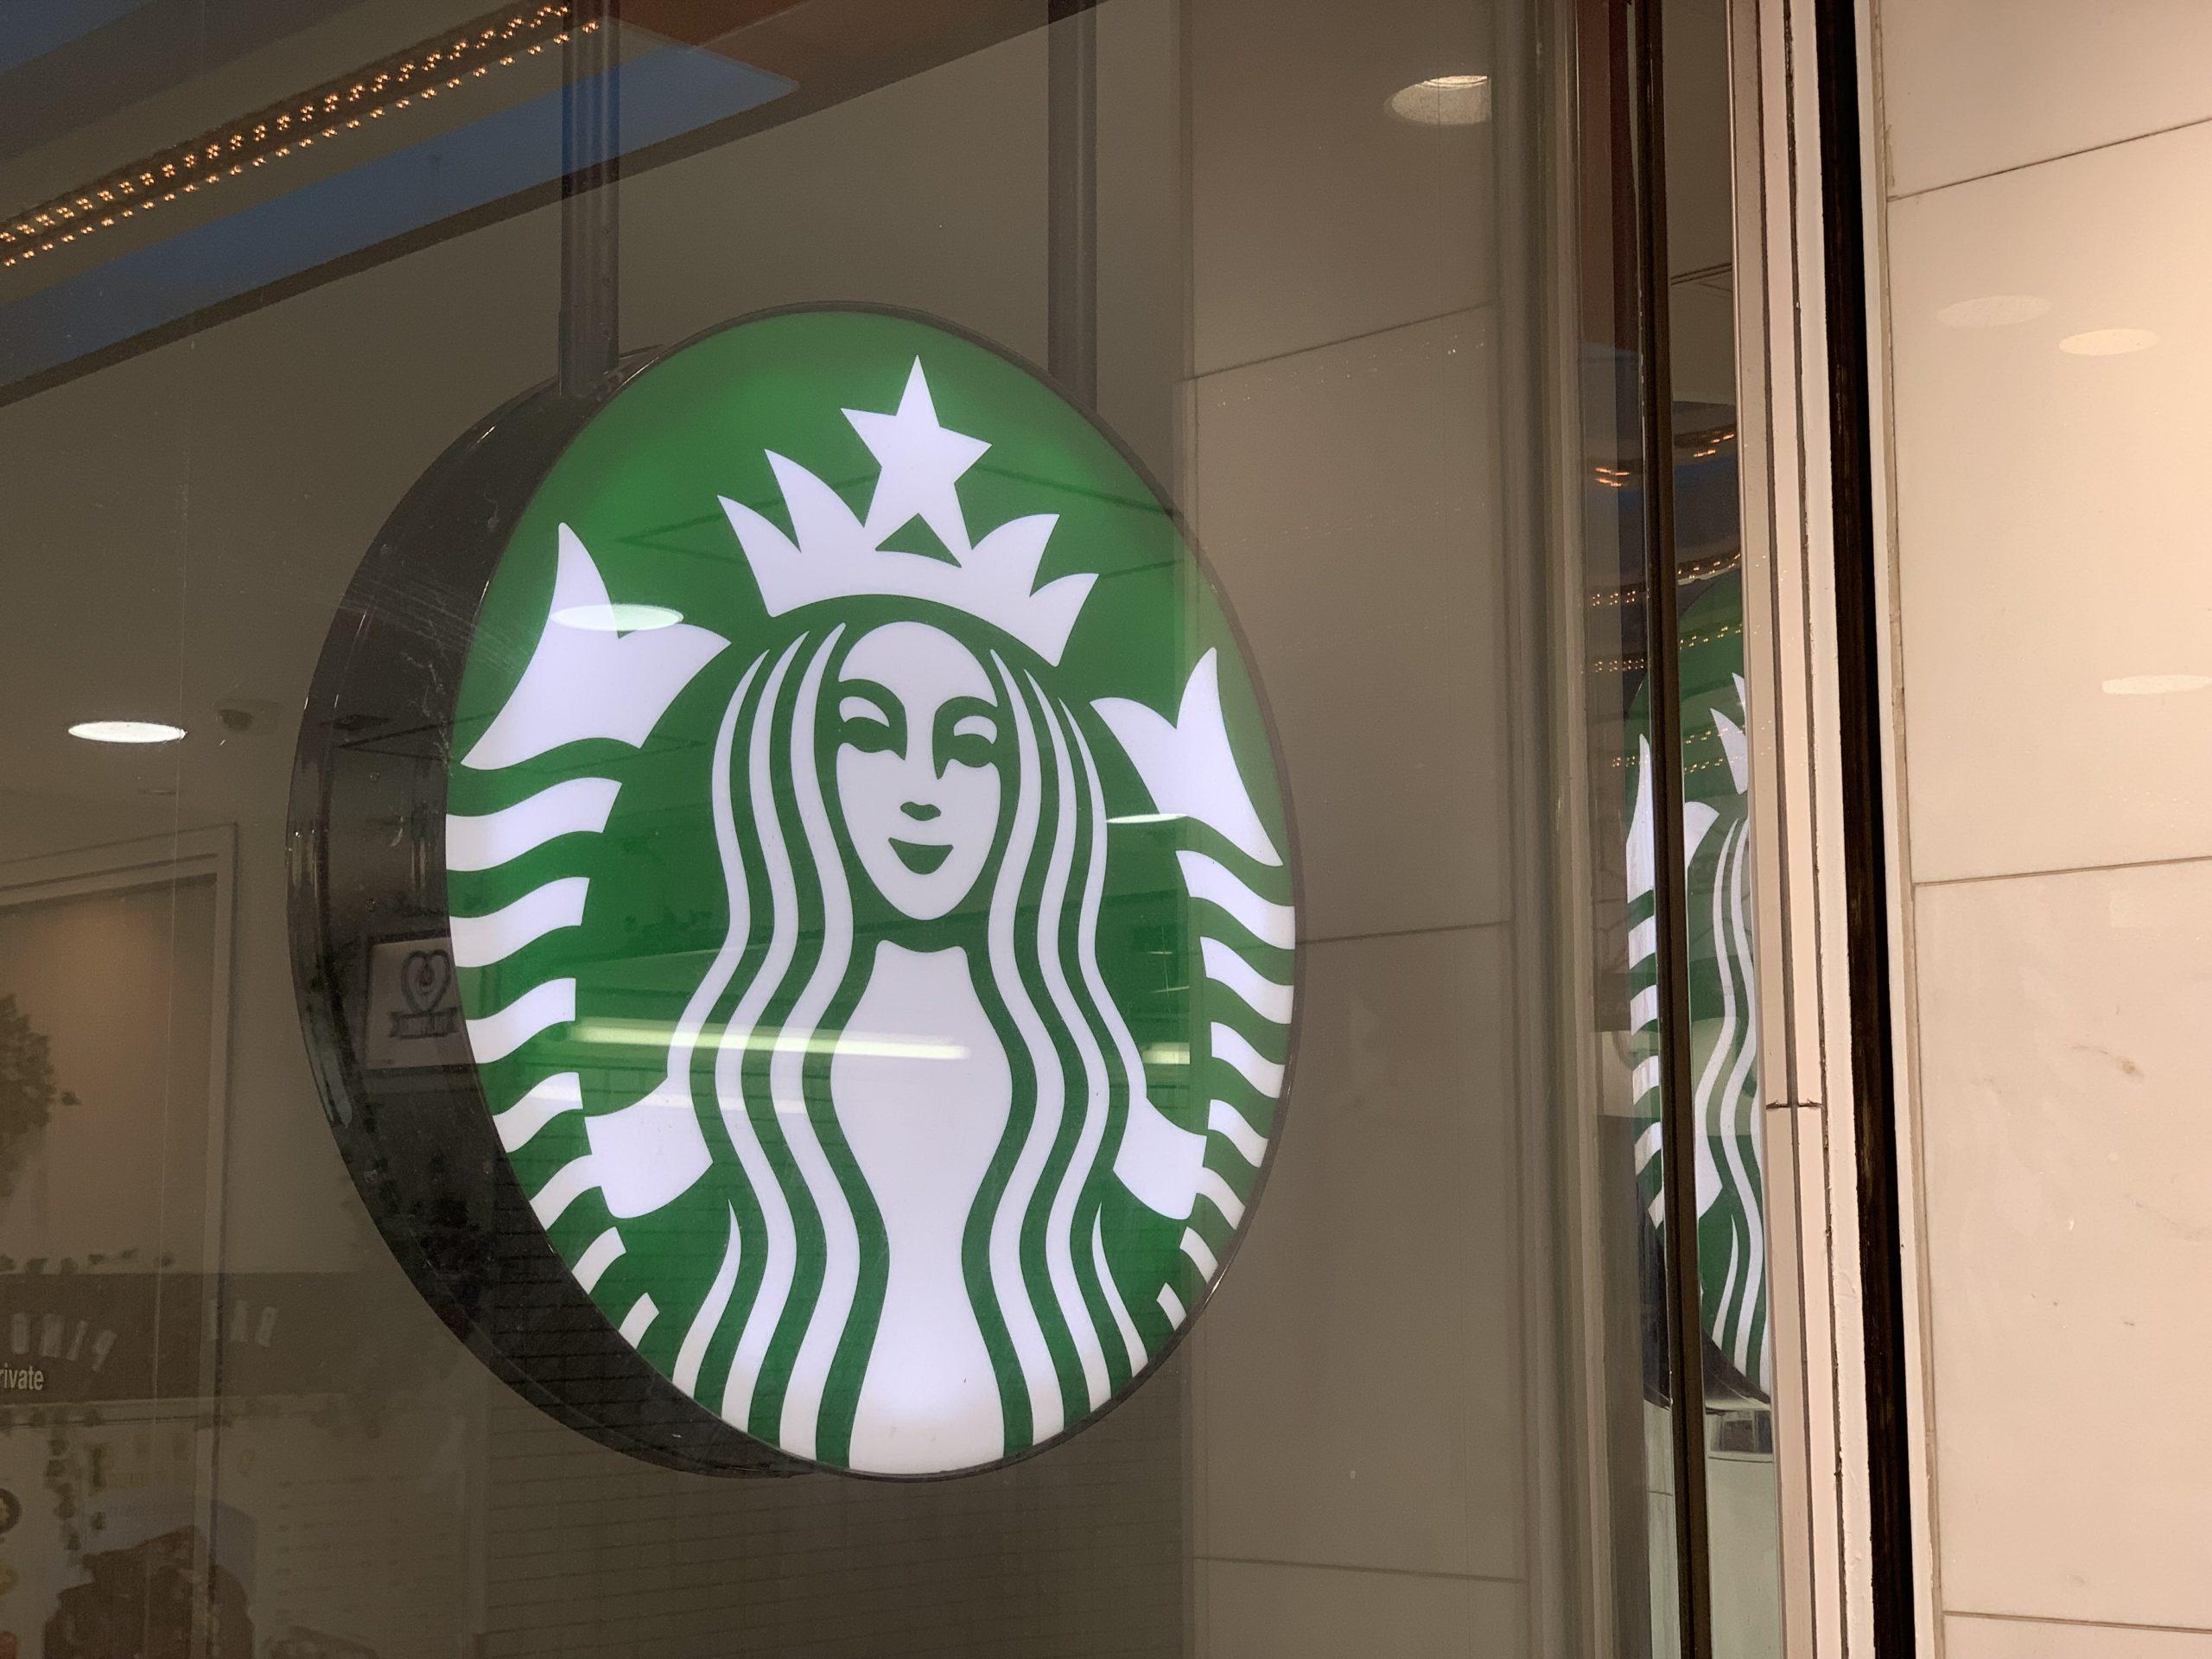 押上駅 電源カフェ スターバックスコーヒー 東京スカイツリー・ソラマチ西1階店 Wi-Fi